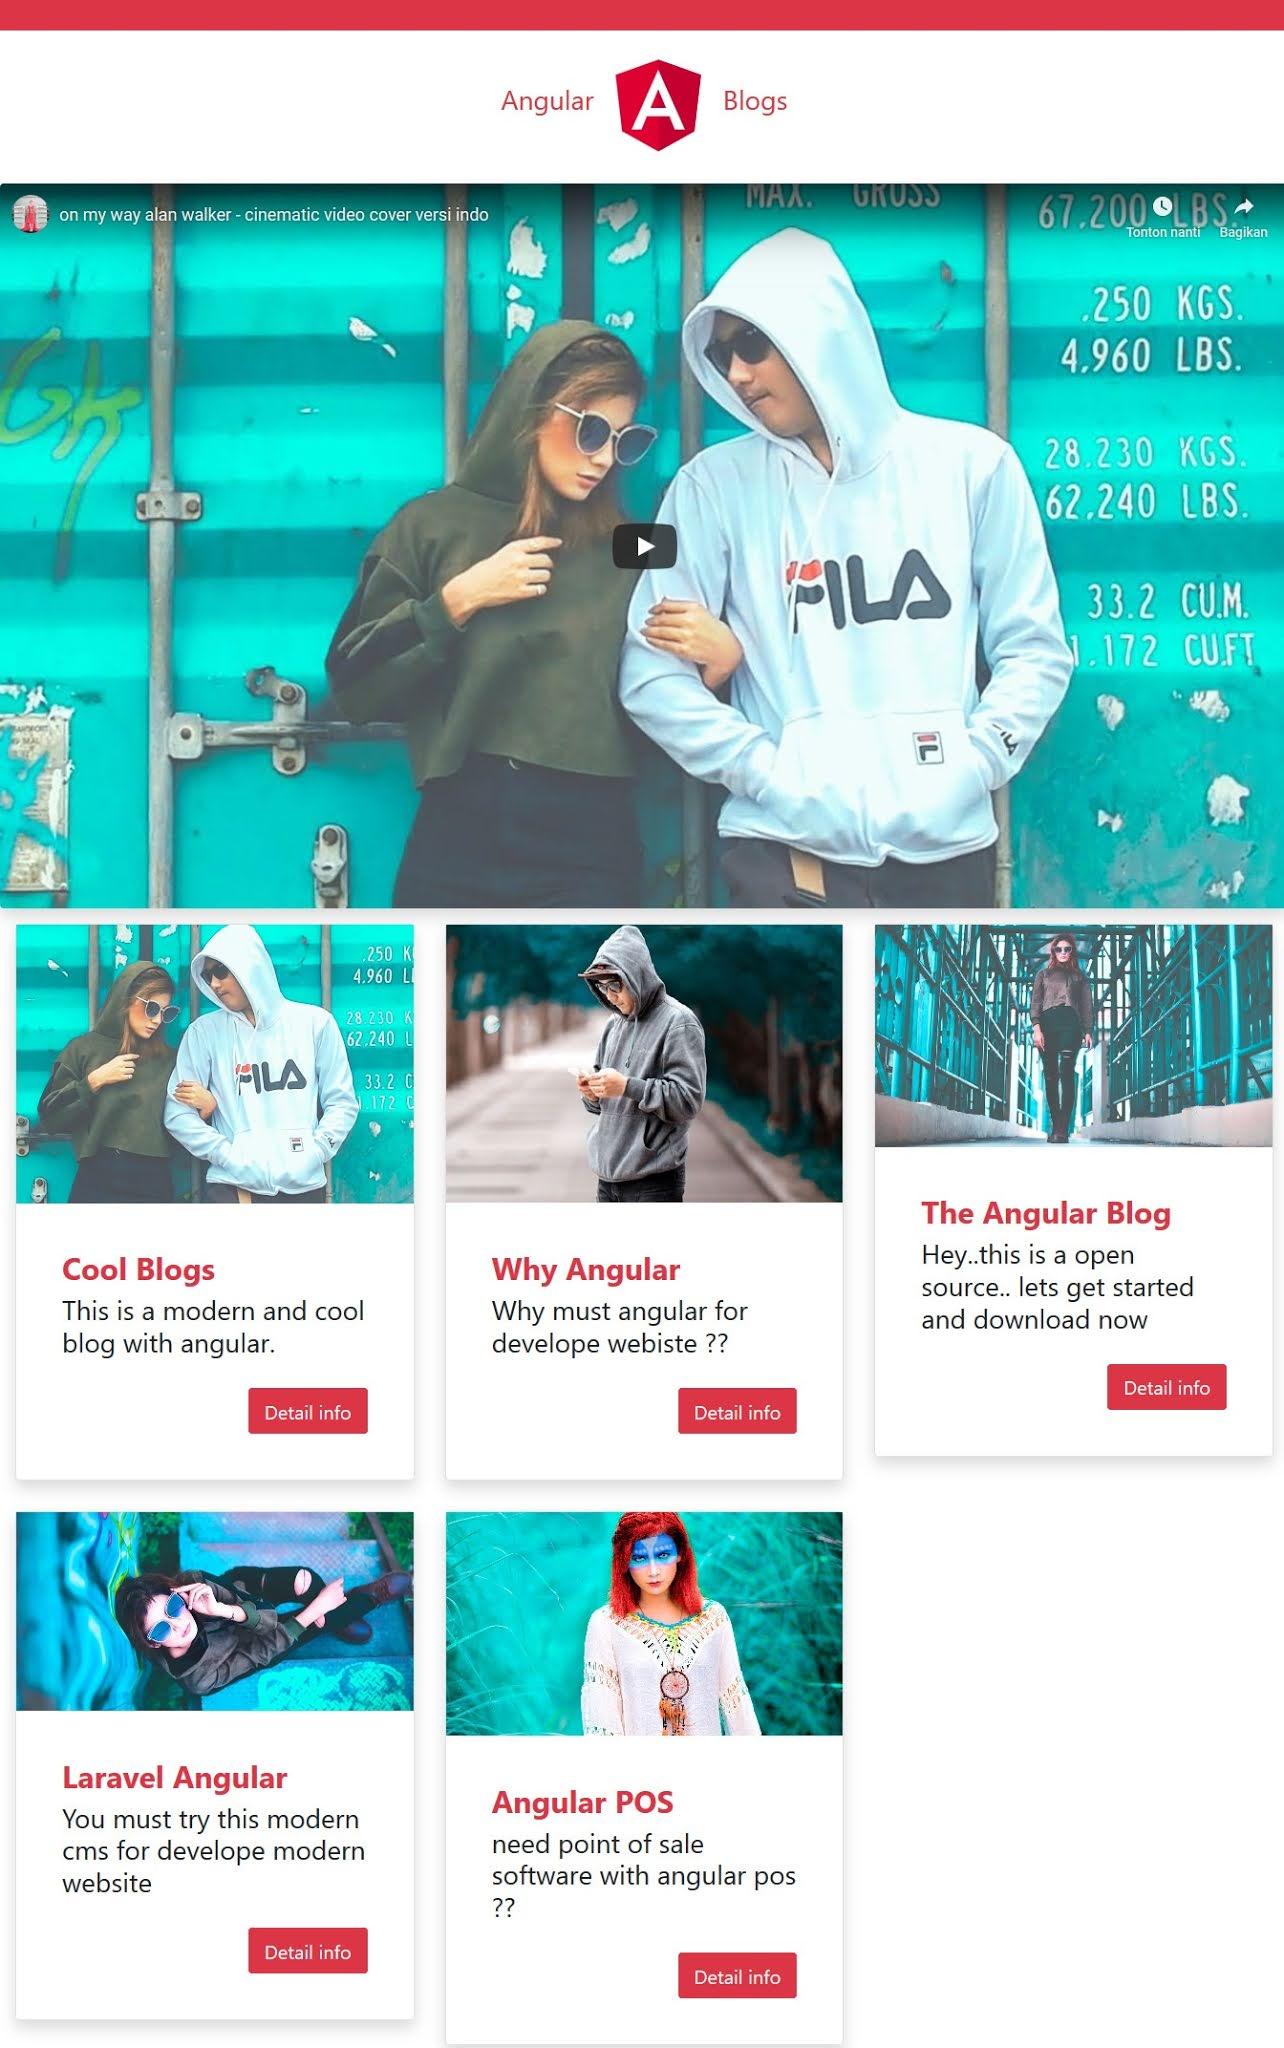 pembuatan website terbaru modern dengan angular